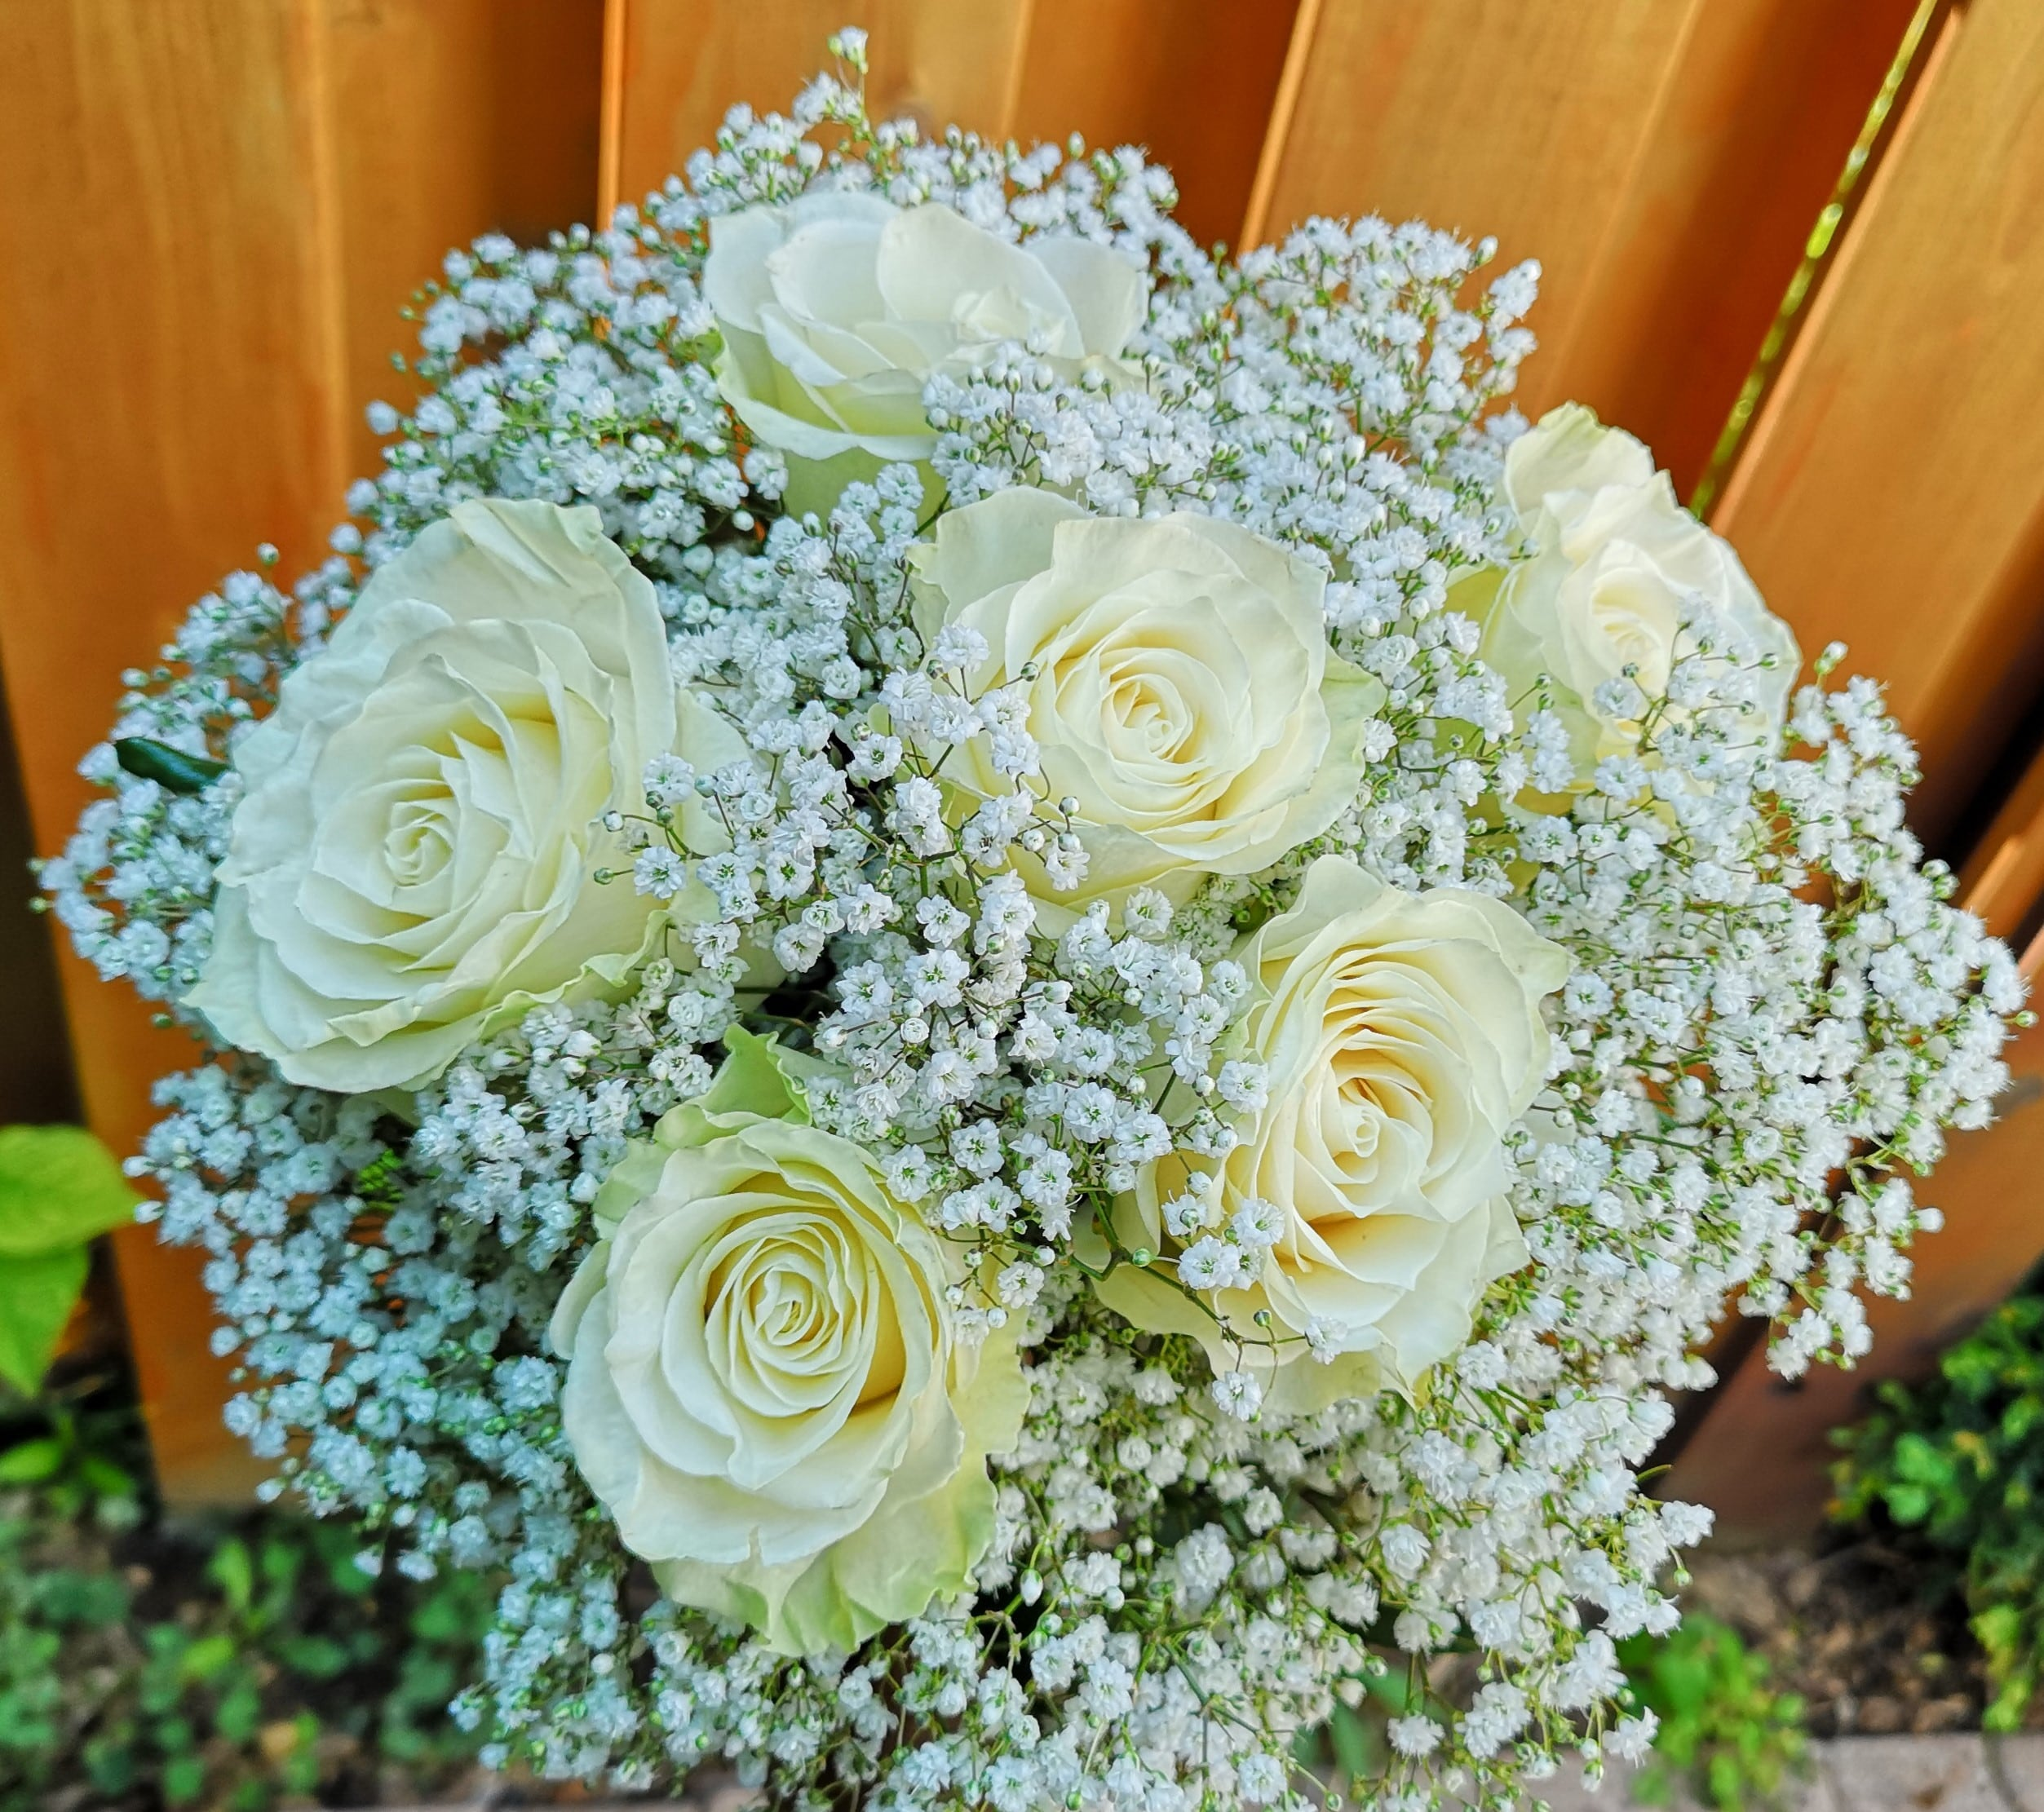 Wedding Flower Gallery Ridgeway Florist In Waterdown